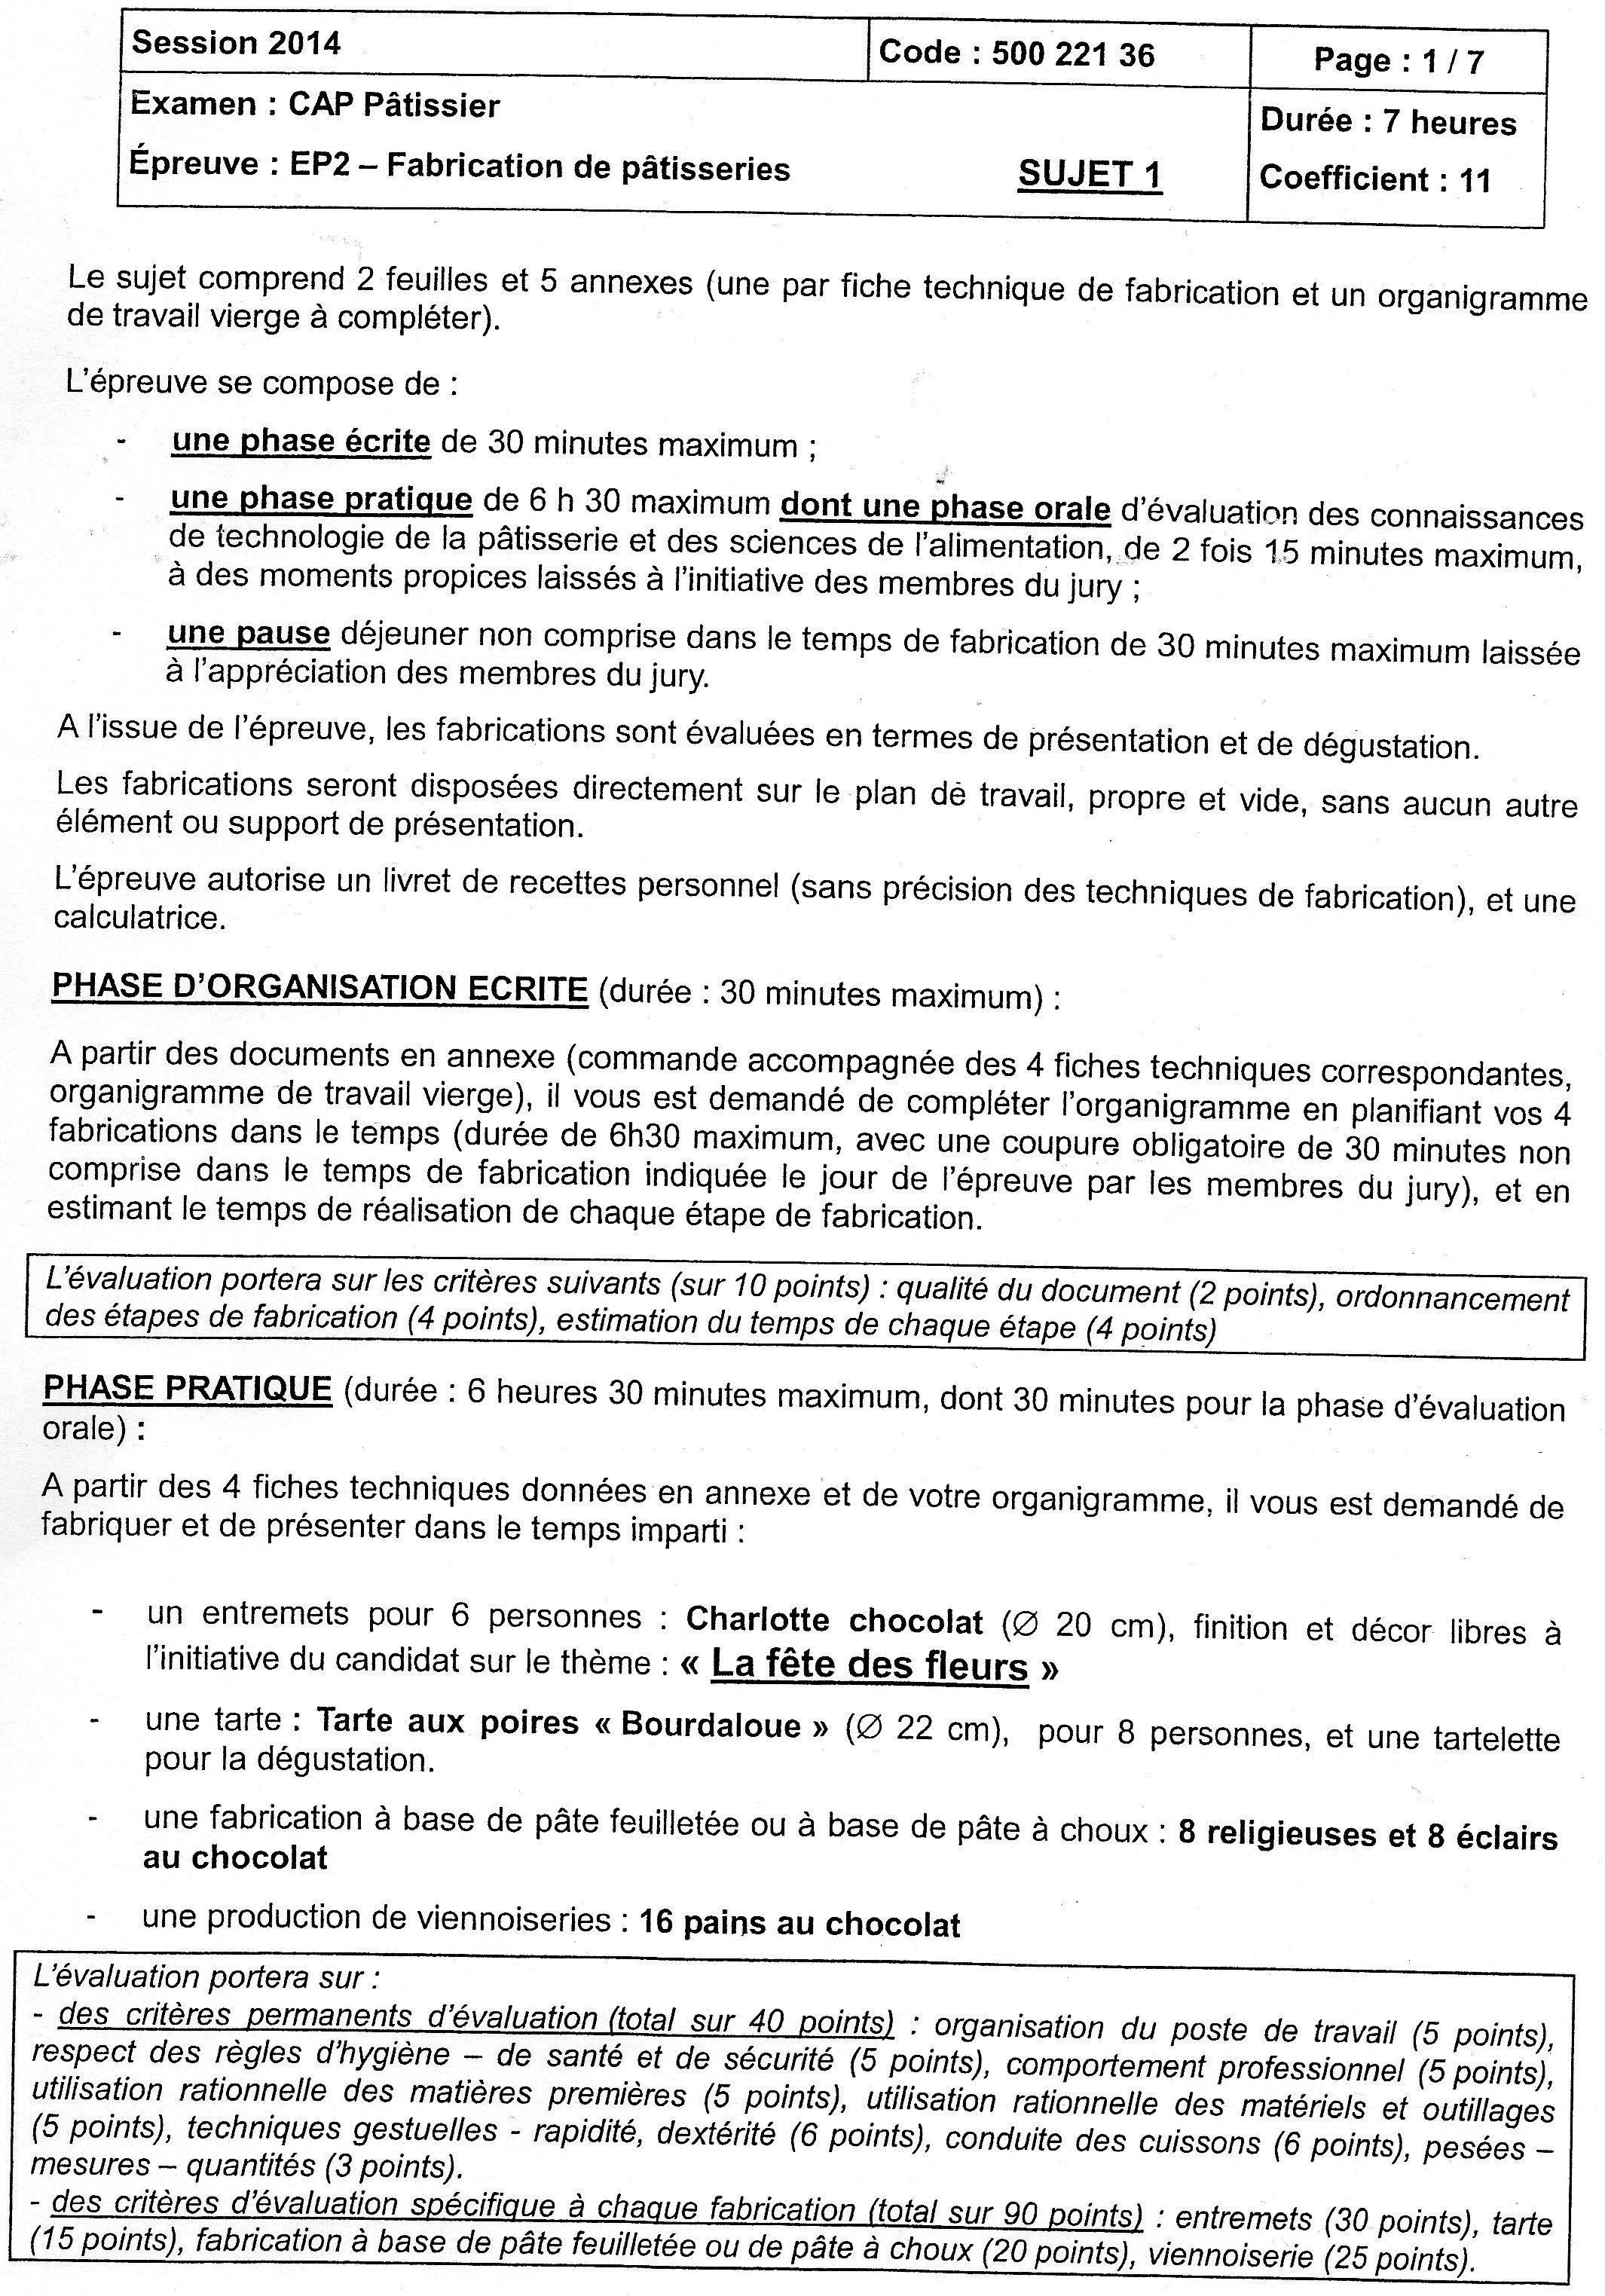 Fresh Annales Cap Cuisine Concept Iqdiplomcom - Sujet cap cuisine